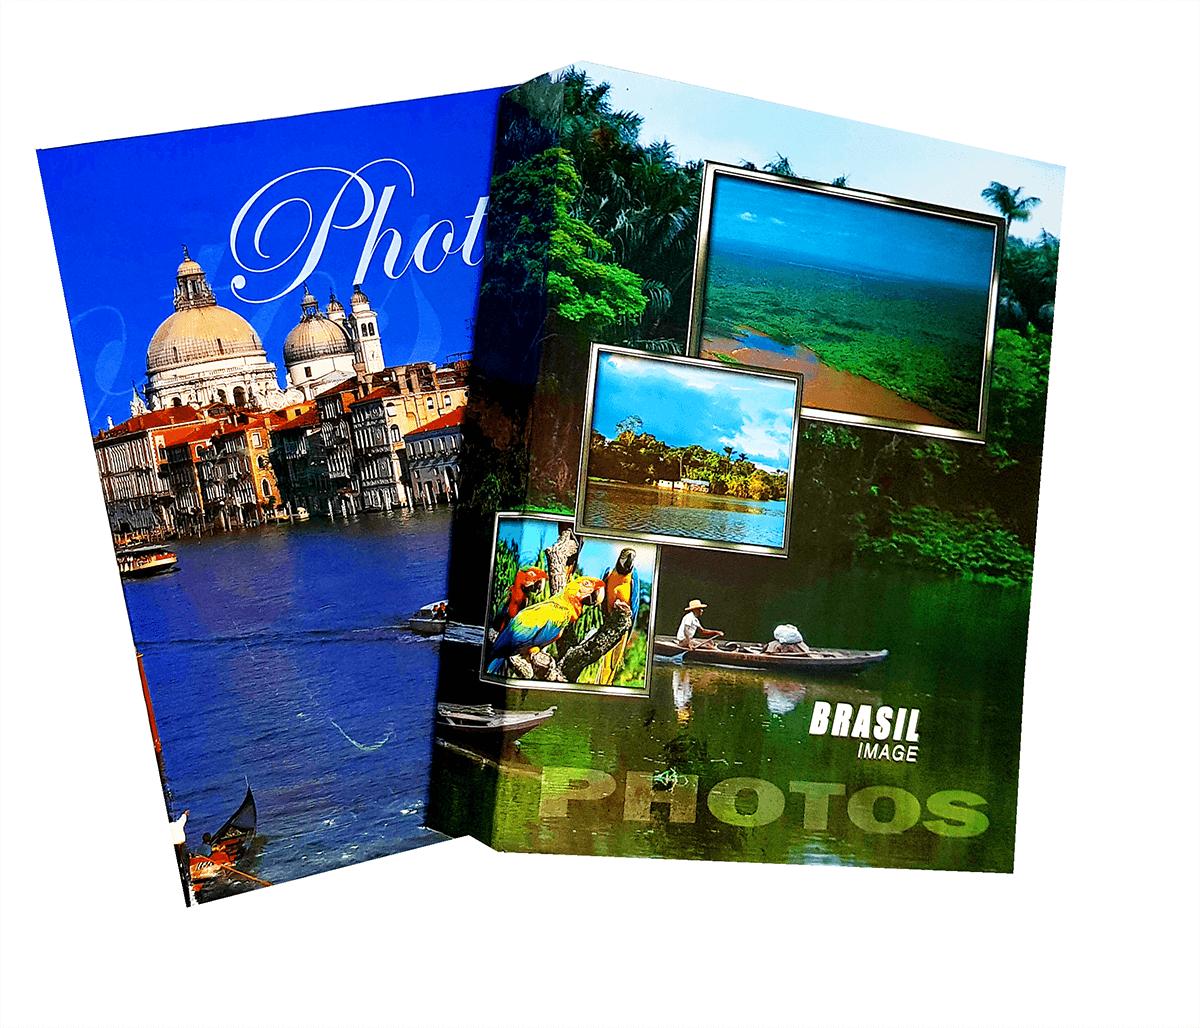 1 Álbum de fotos Fotografias  10 X15 / 200 Fotos VARIADOS 16 MODELOS A SUA ESCOLHA